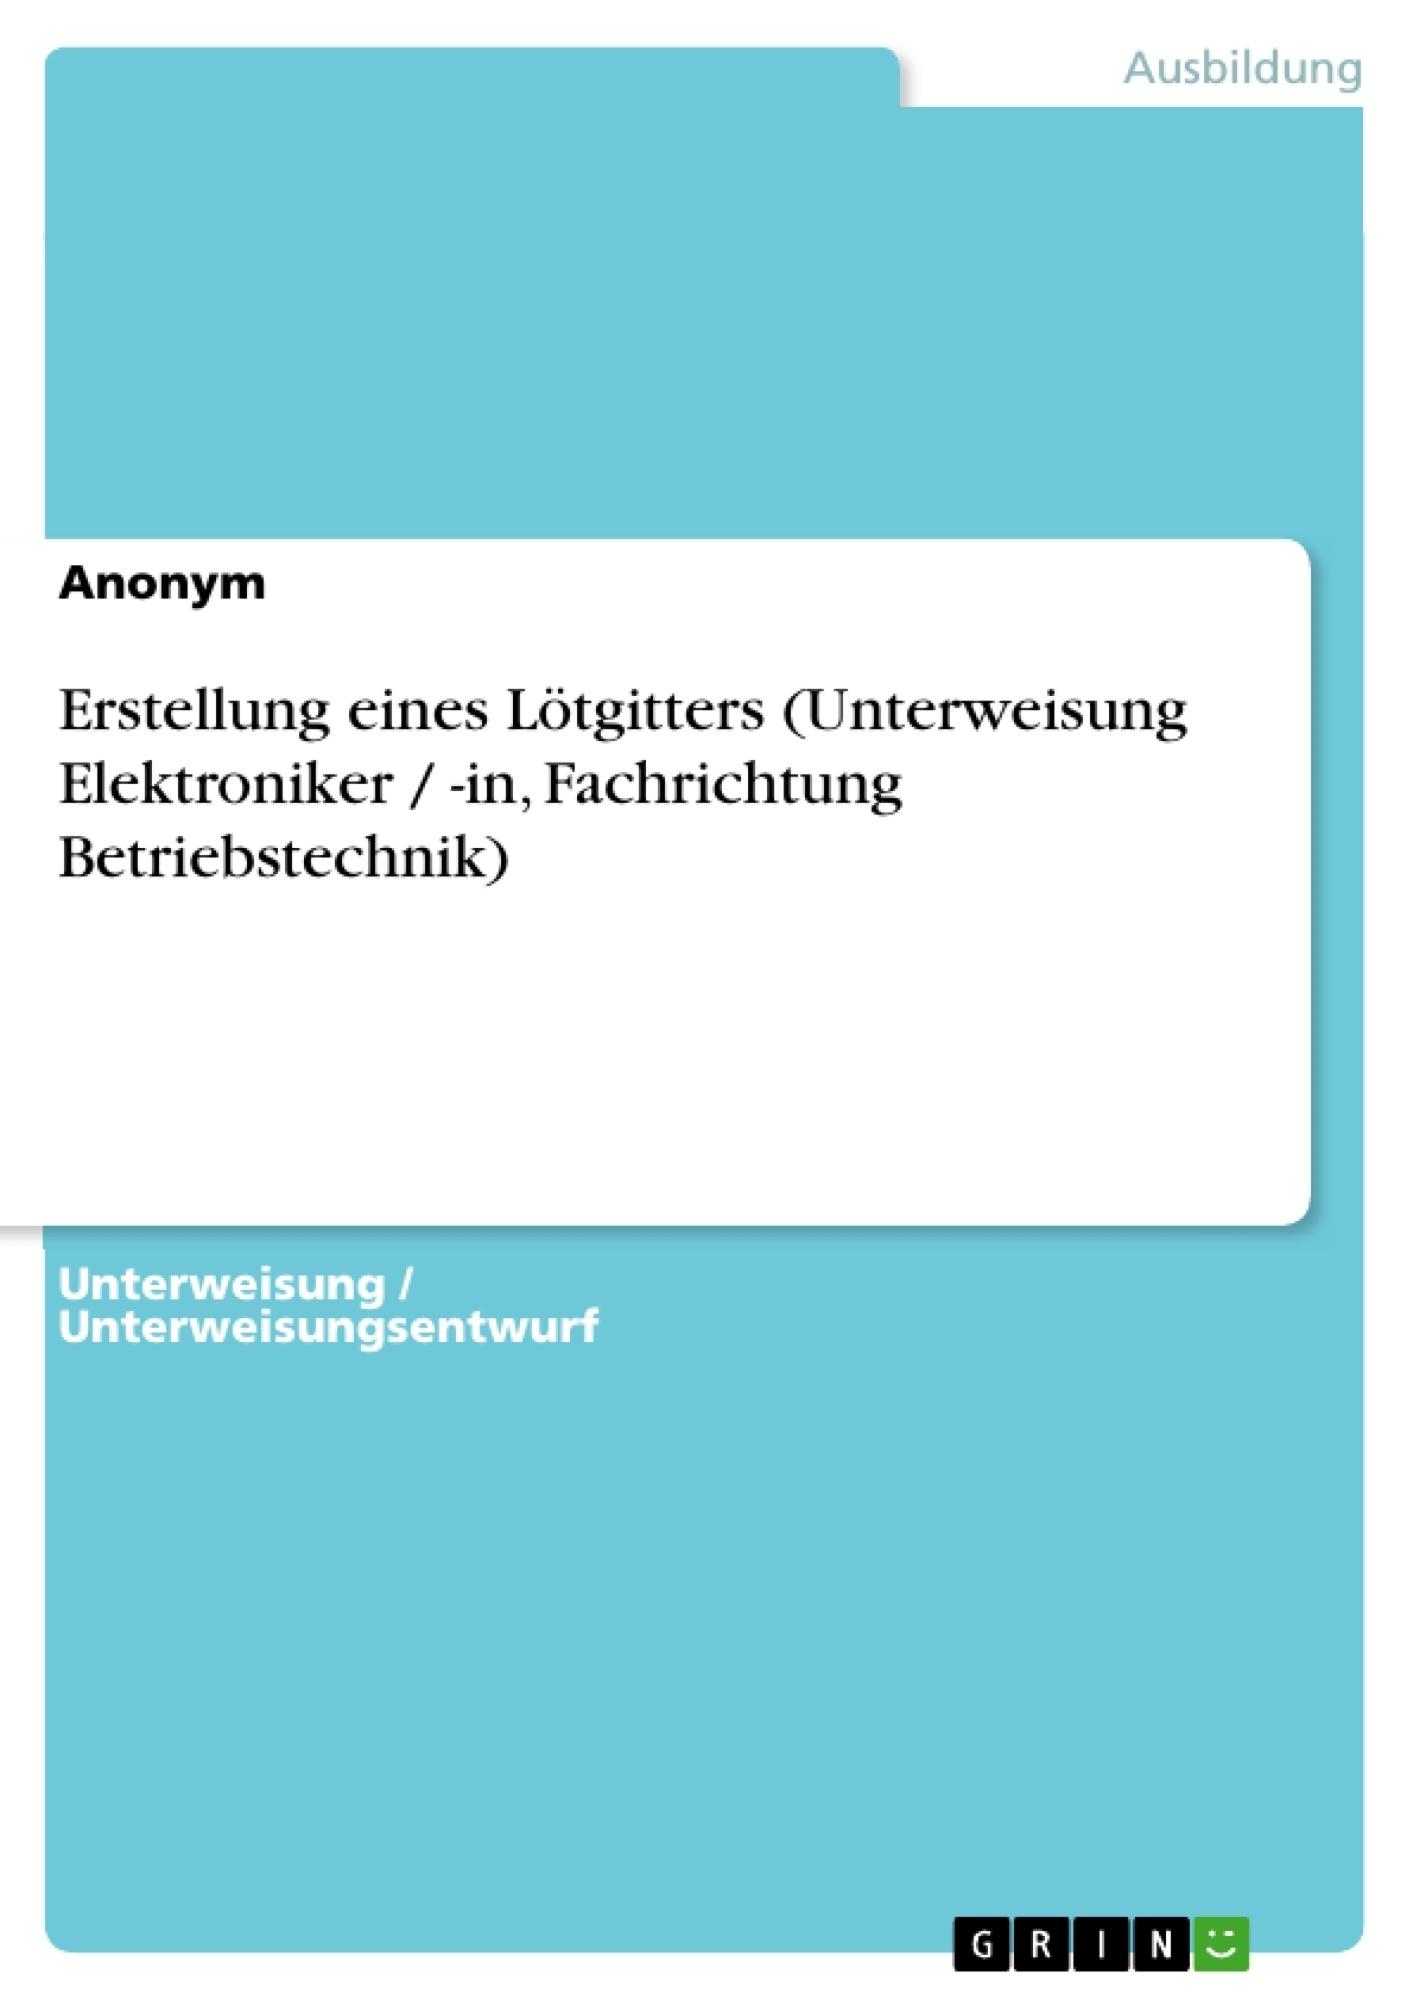 Titel: Erstellung eines Lötgitters (Unterweisung Elektroniker / -in, Fachrichtung Betriebstechnik)